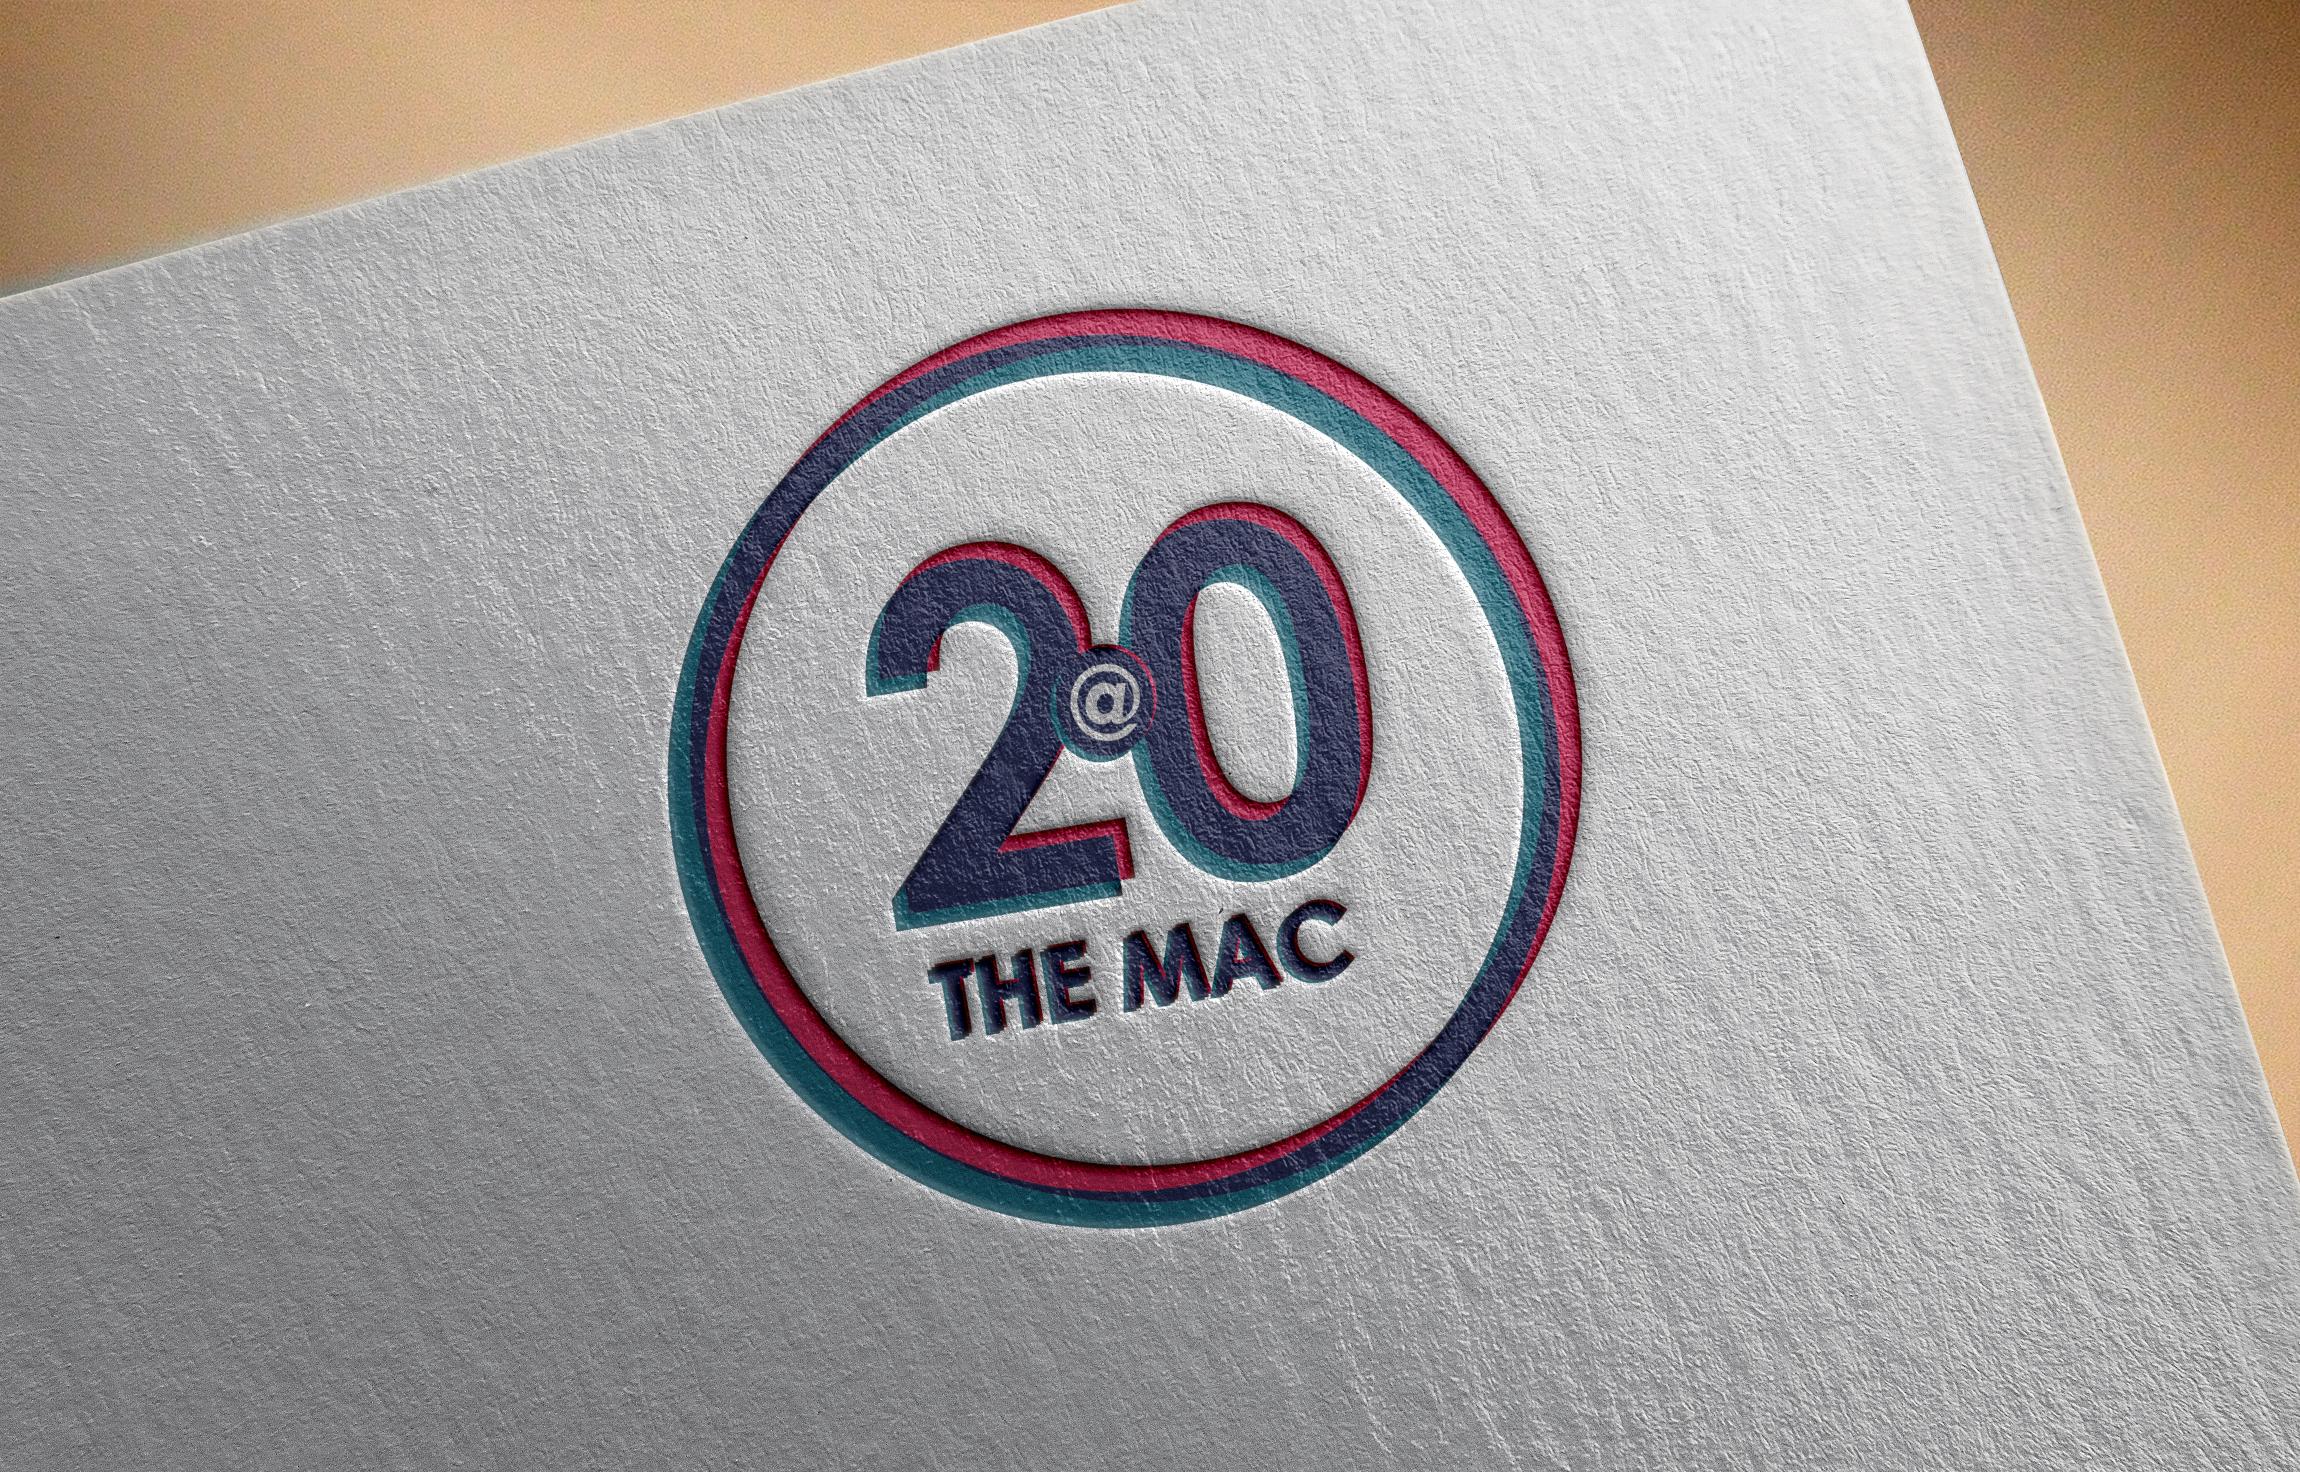 MAC@20 logo